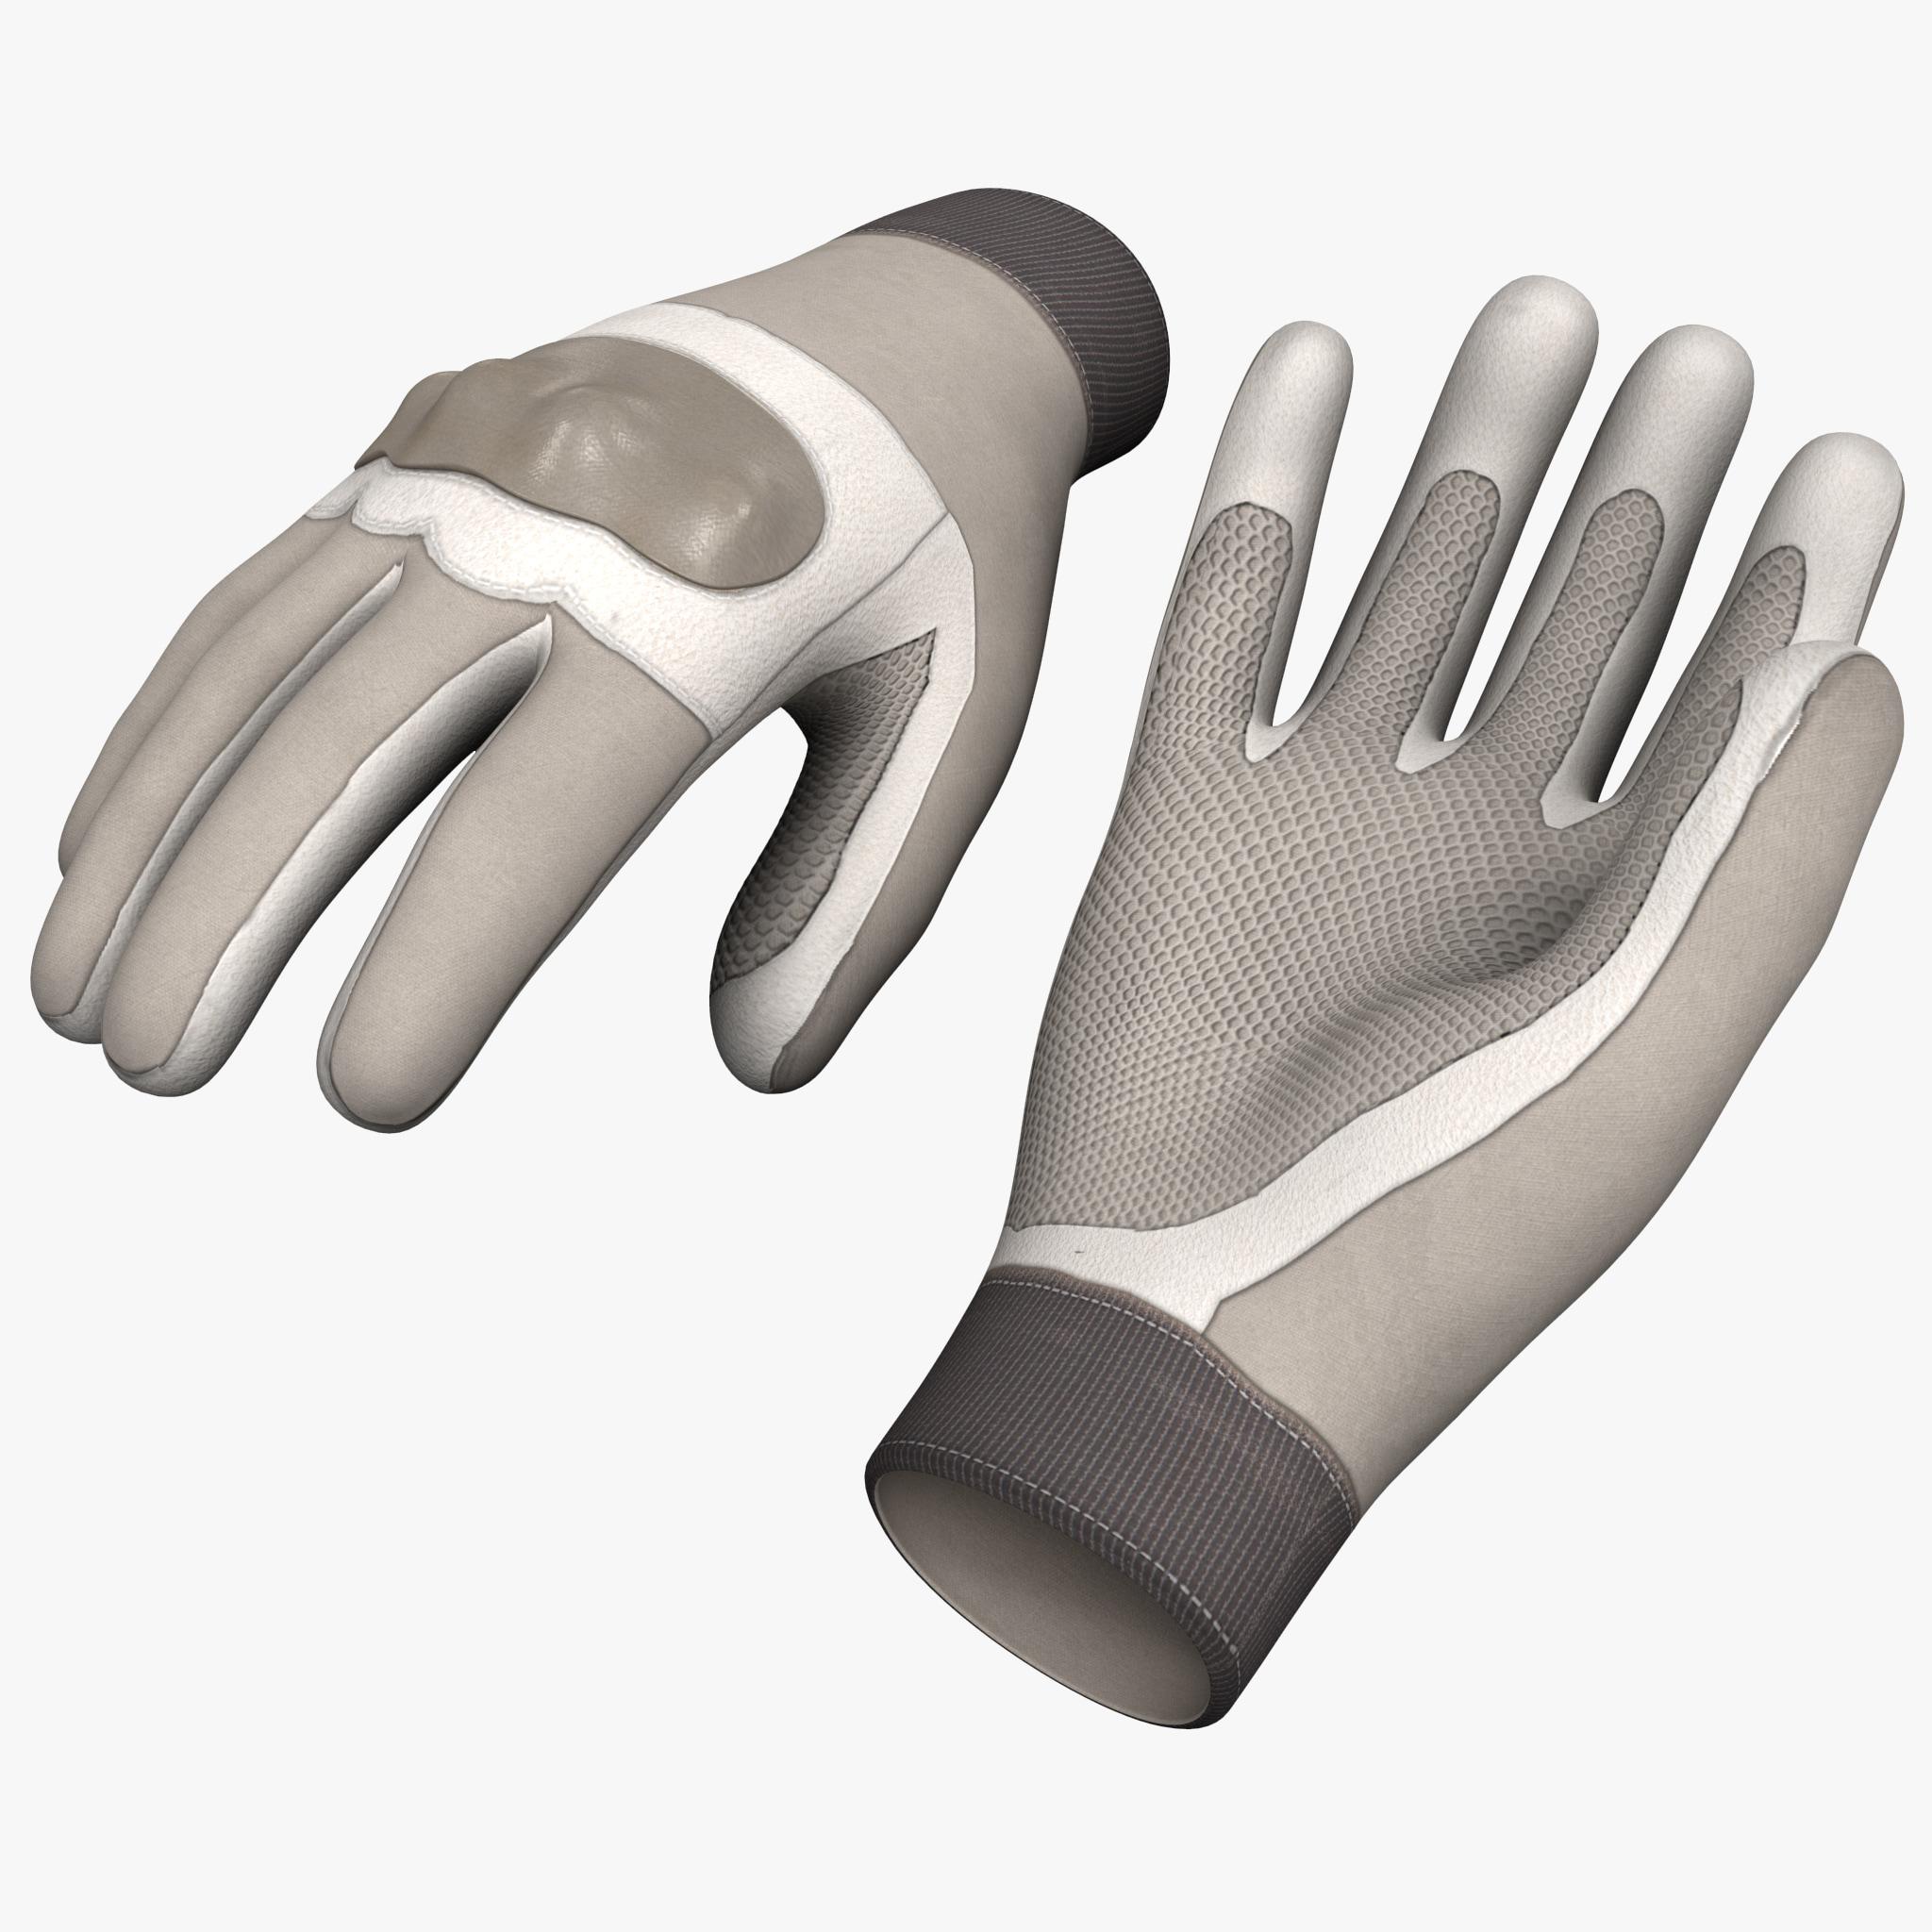 Futuristic Soldier Gloves_1.jpg